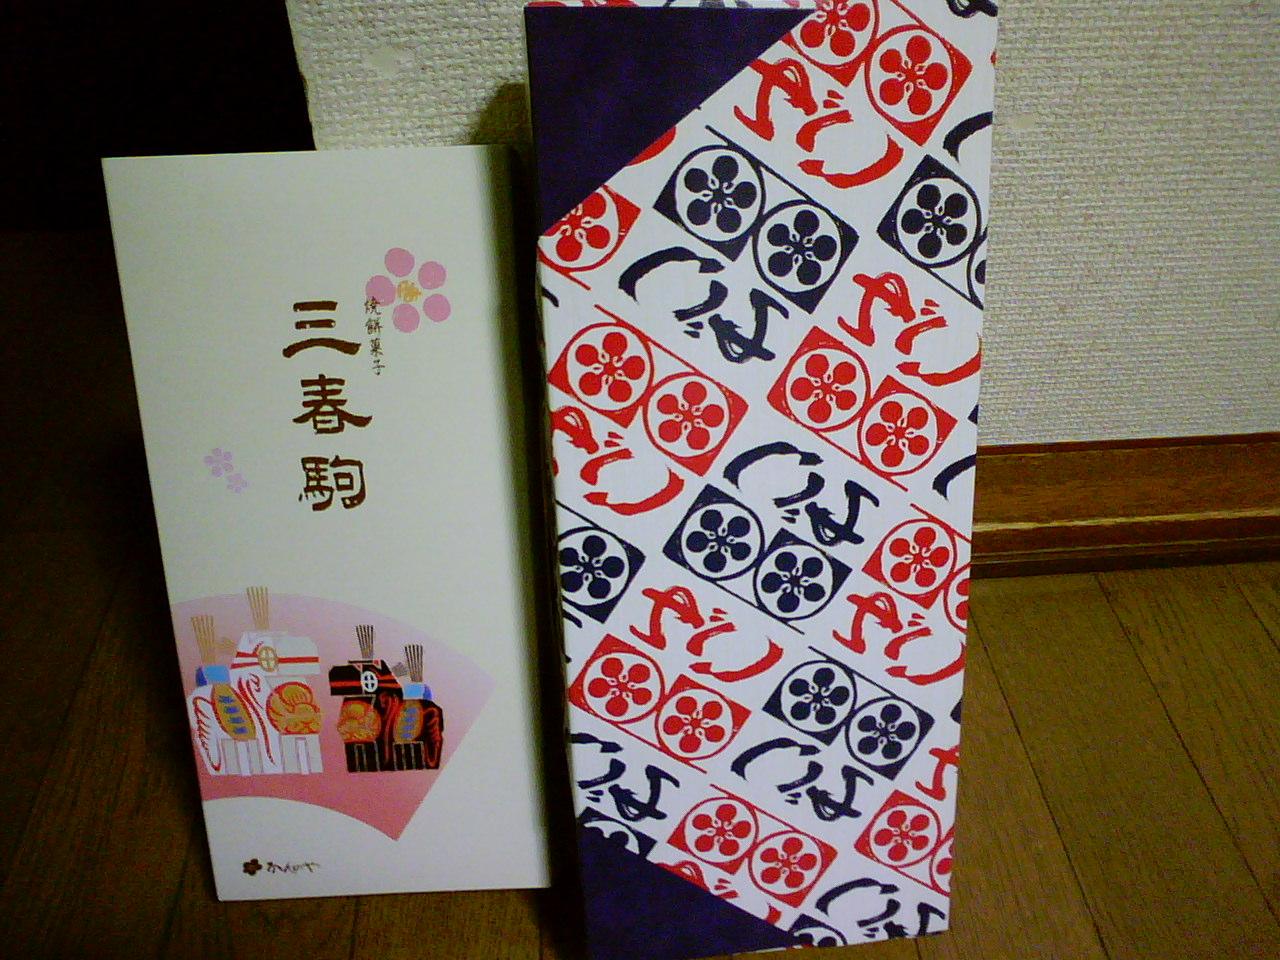 ゆべし&三春駒饅頭